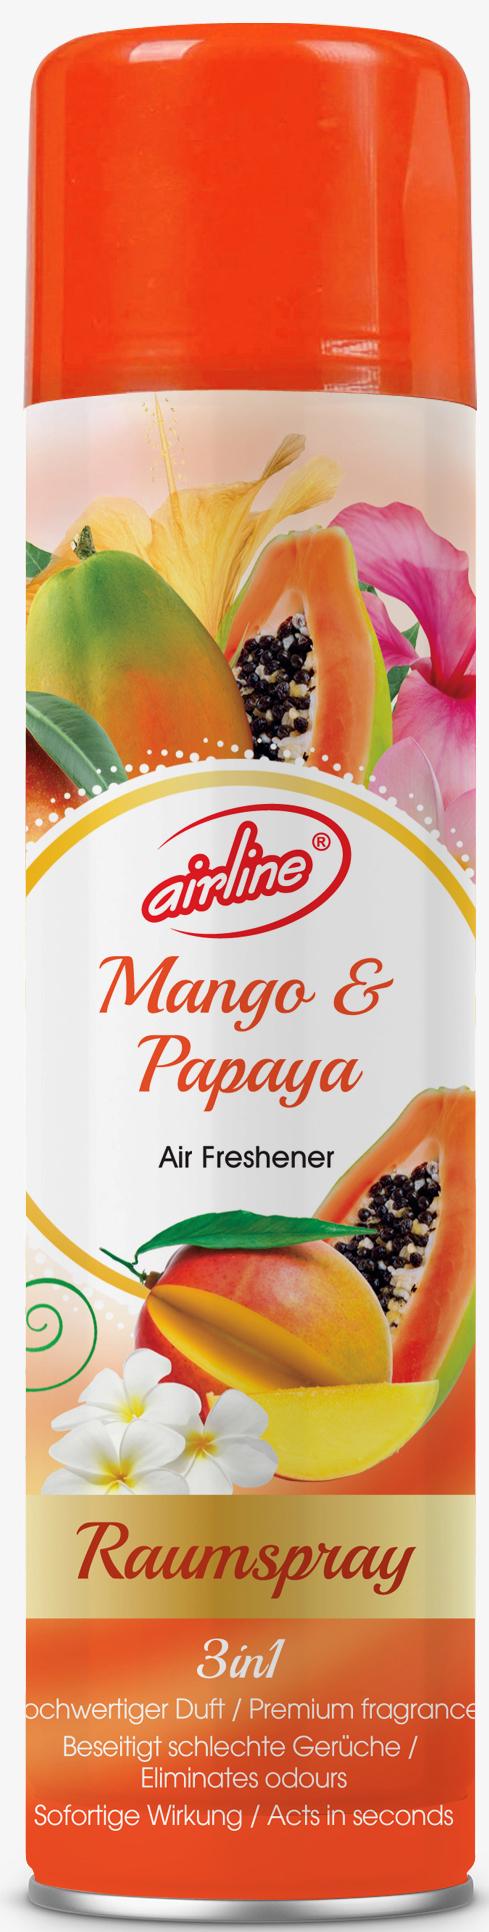 00517 - airline Raumspray 300 ml - Mango und Papaya